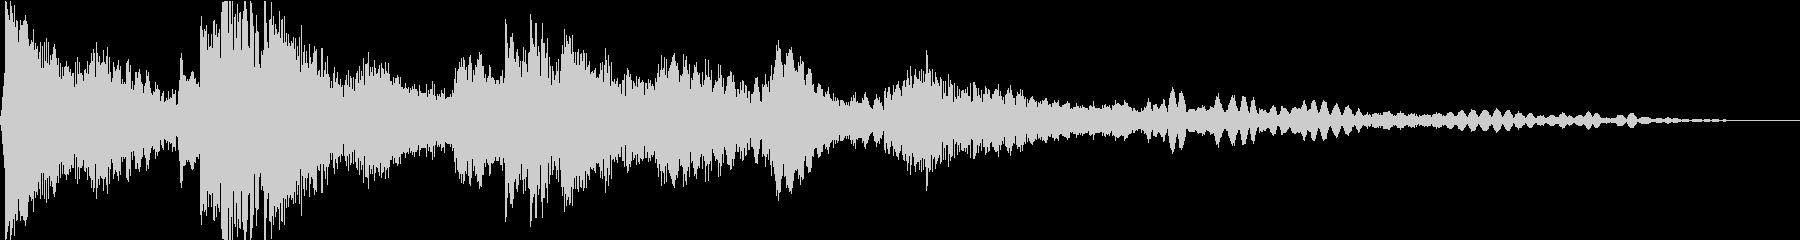 ソロのクラシックピアノ曲。テーマは...の未再生の波形